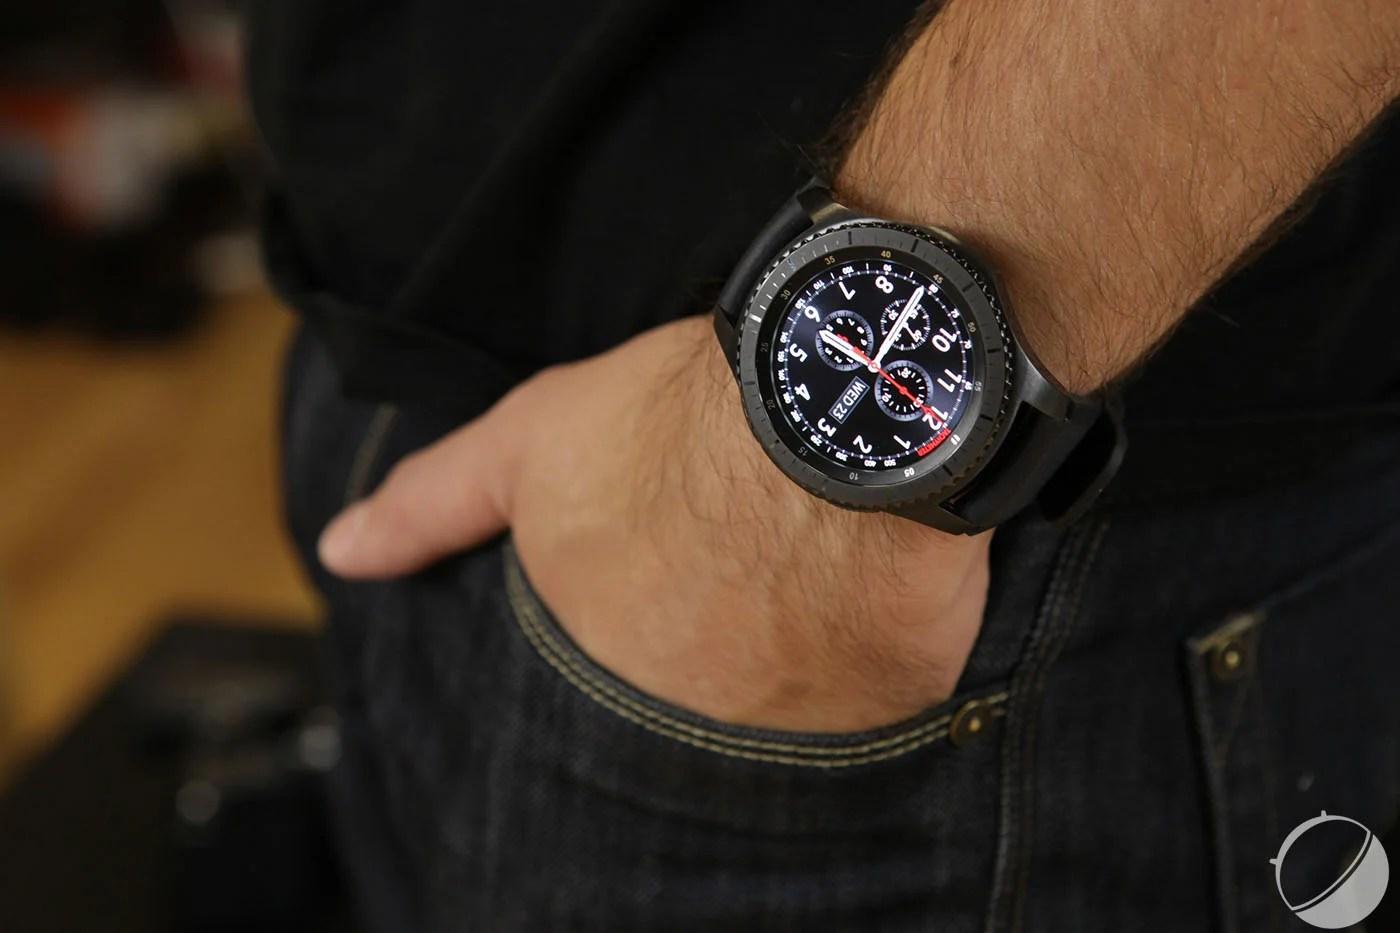 IFA 2017 : Samsung présentera une nouvelle montre connectée Gear